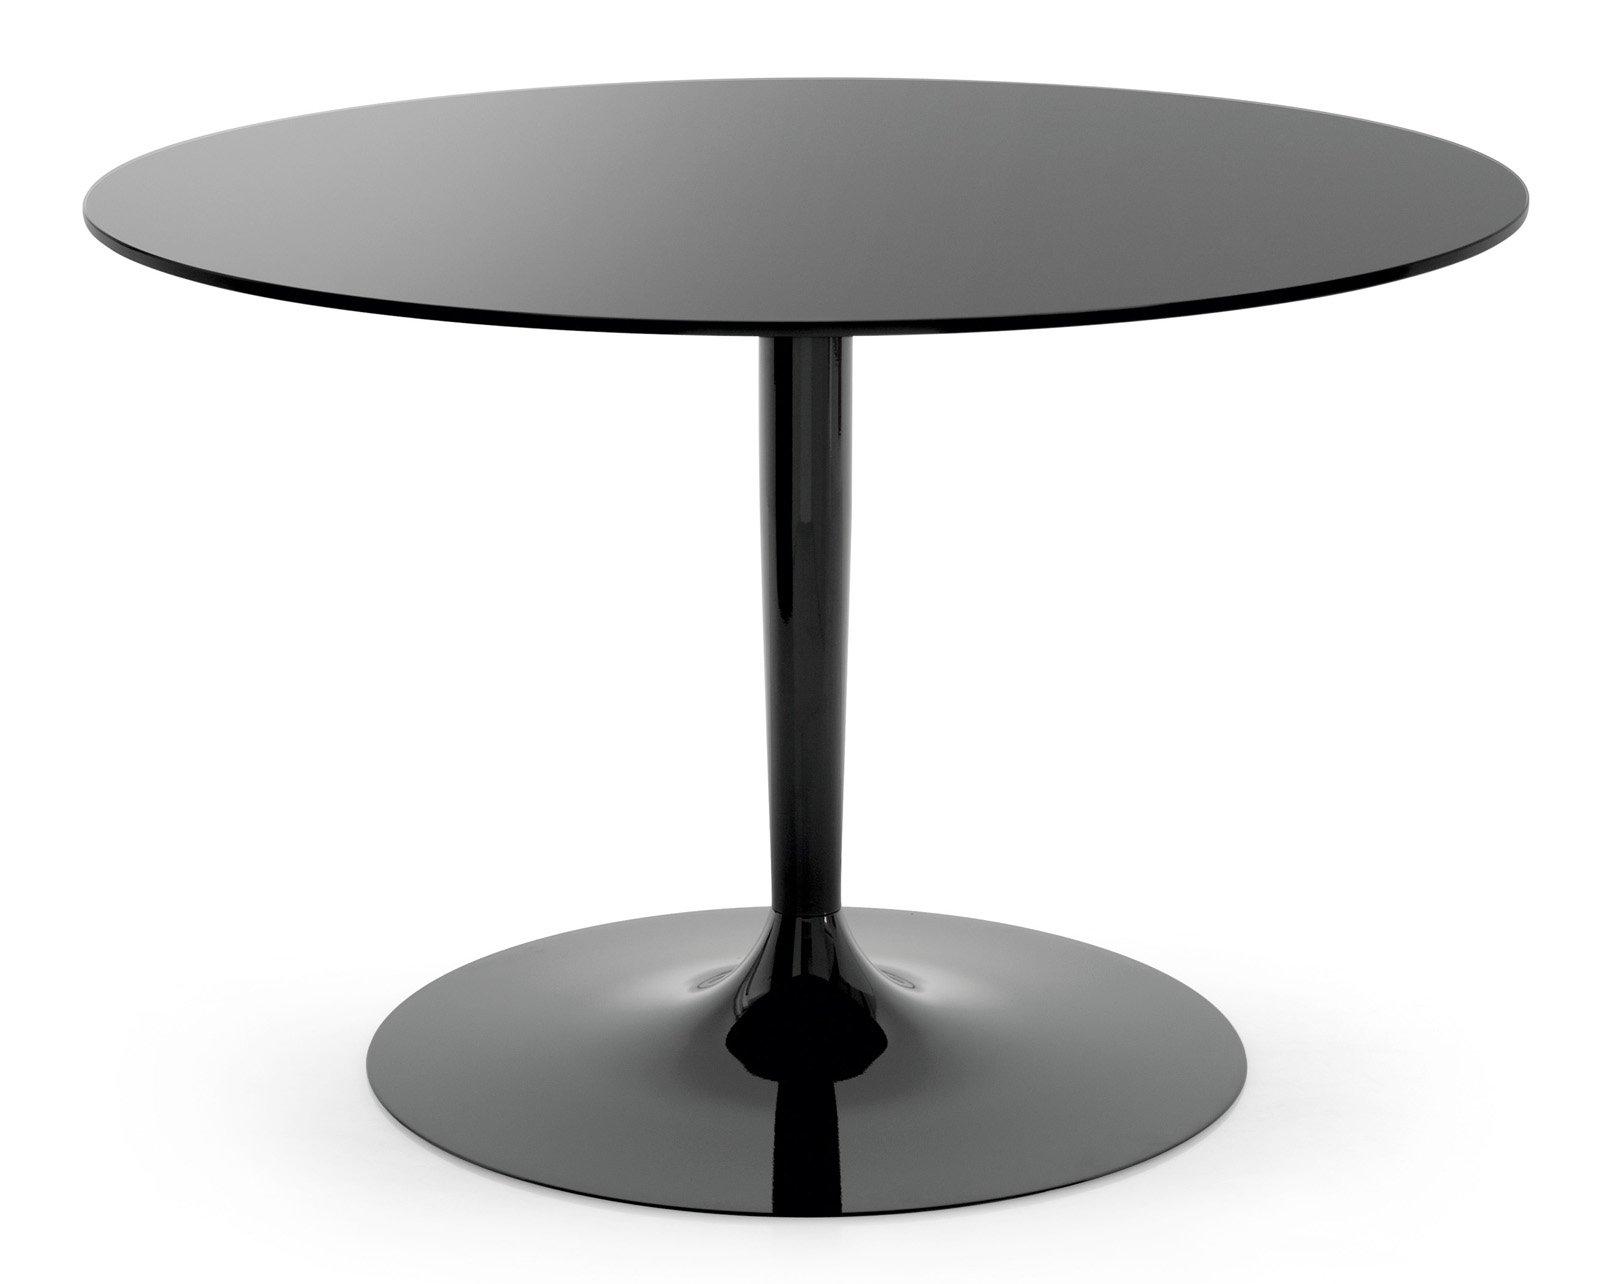 Tavoli da cucina quadrati tondi o rettangolari recensioni ed offerte designandmore - Tavolo rotondo da cucina ...